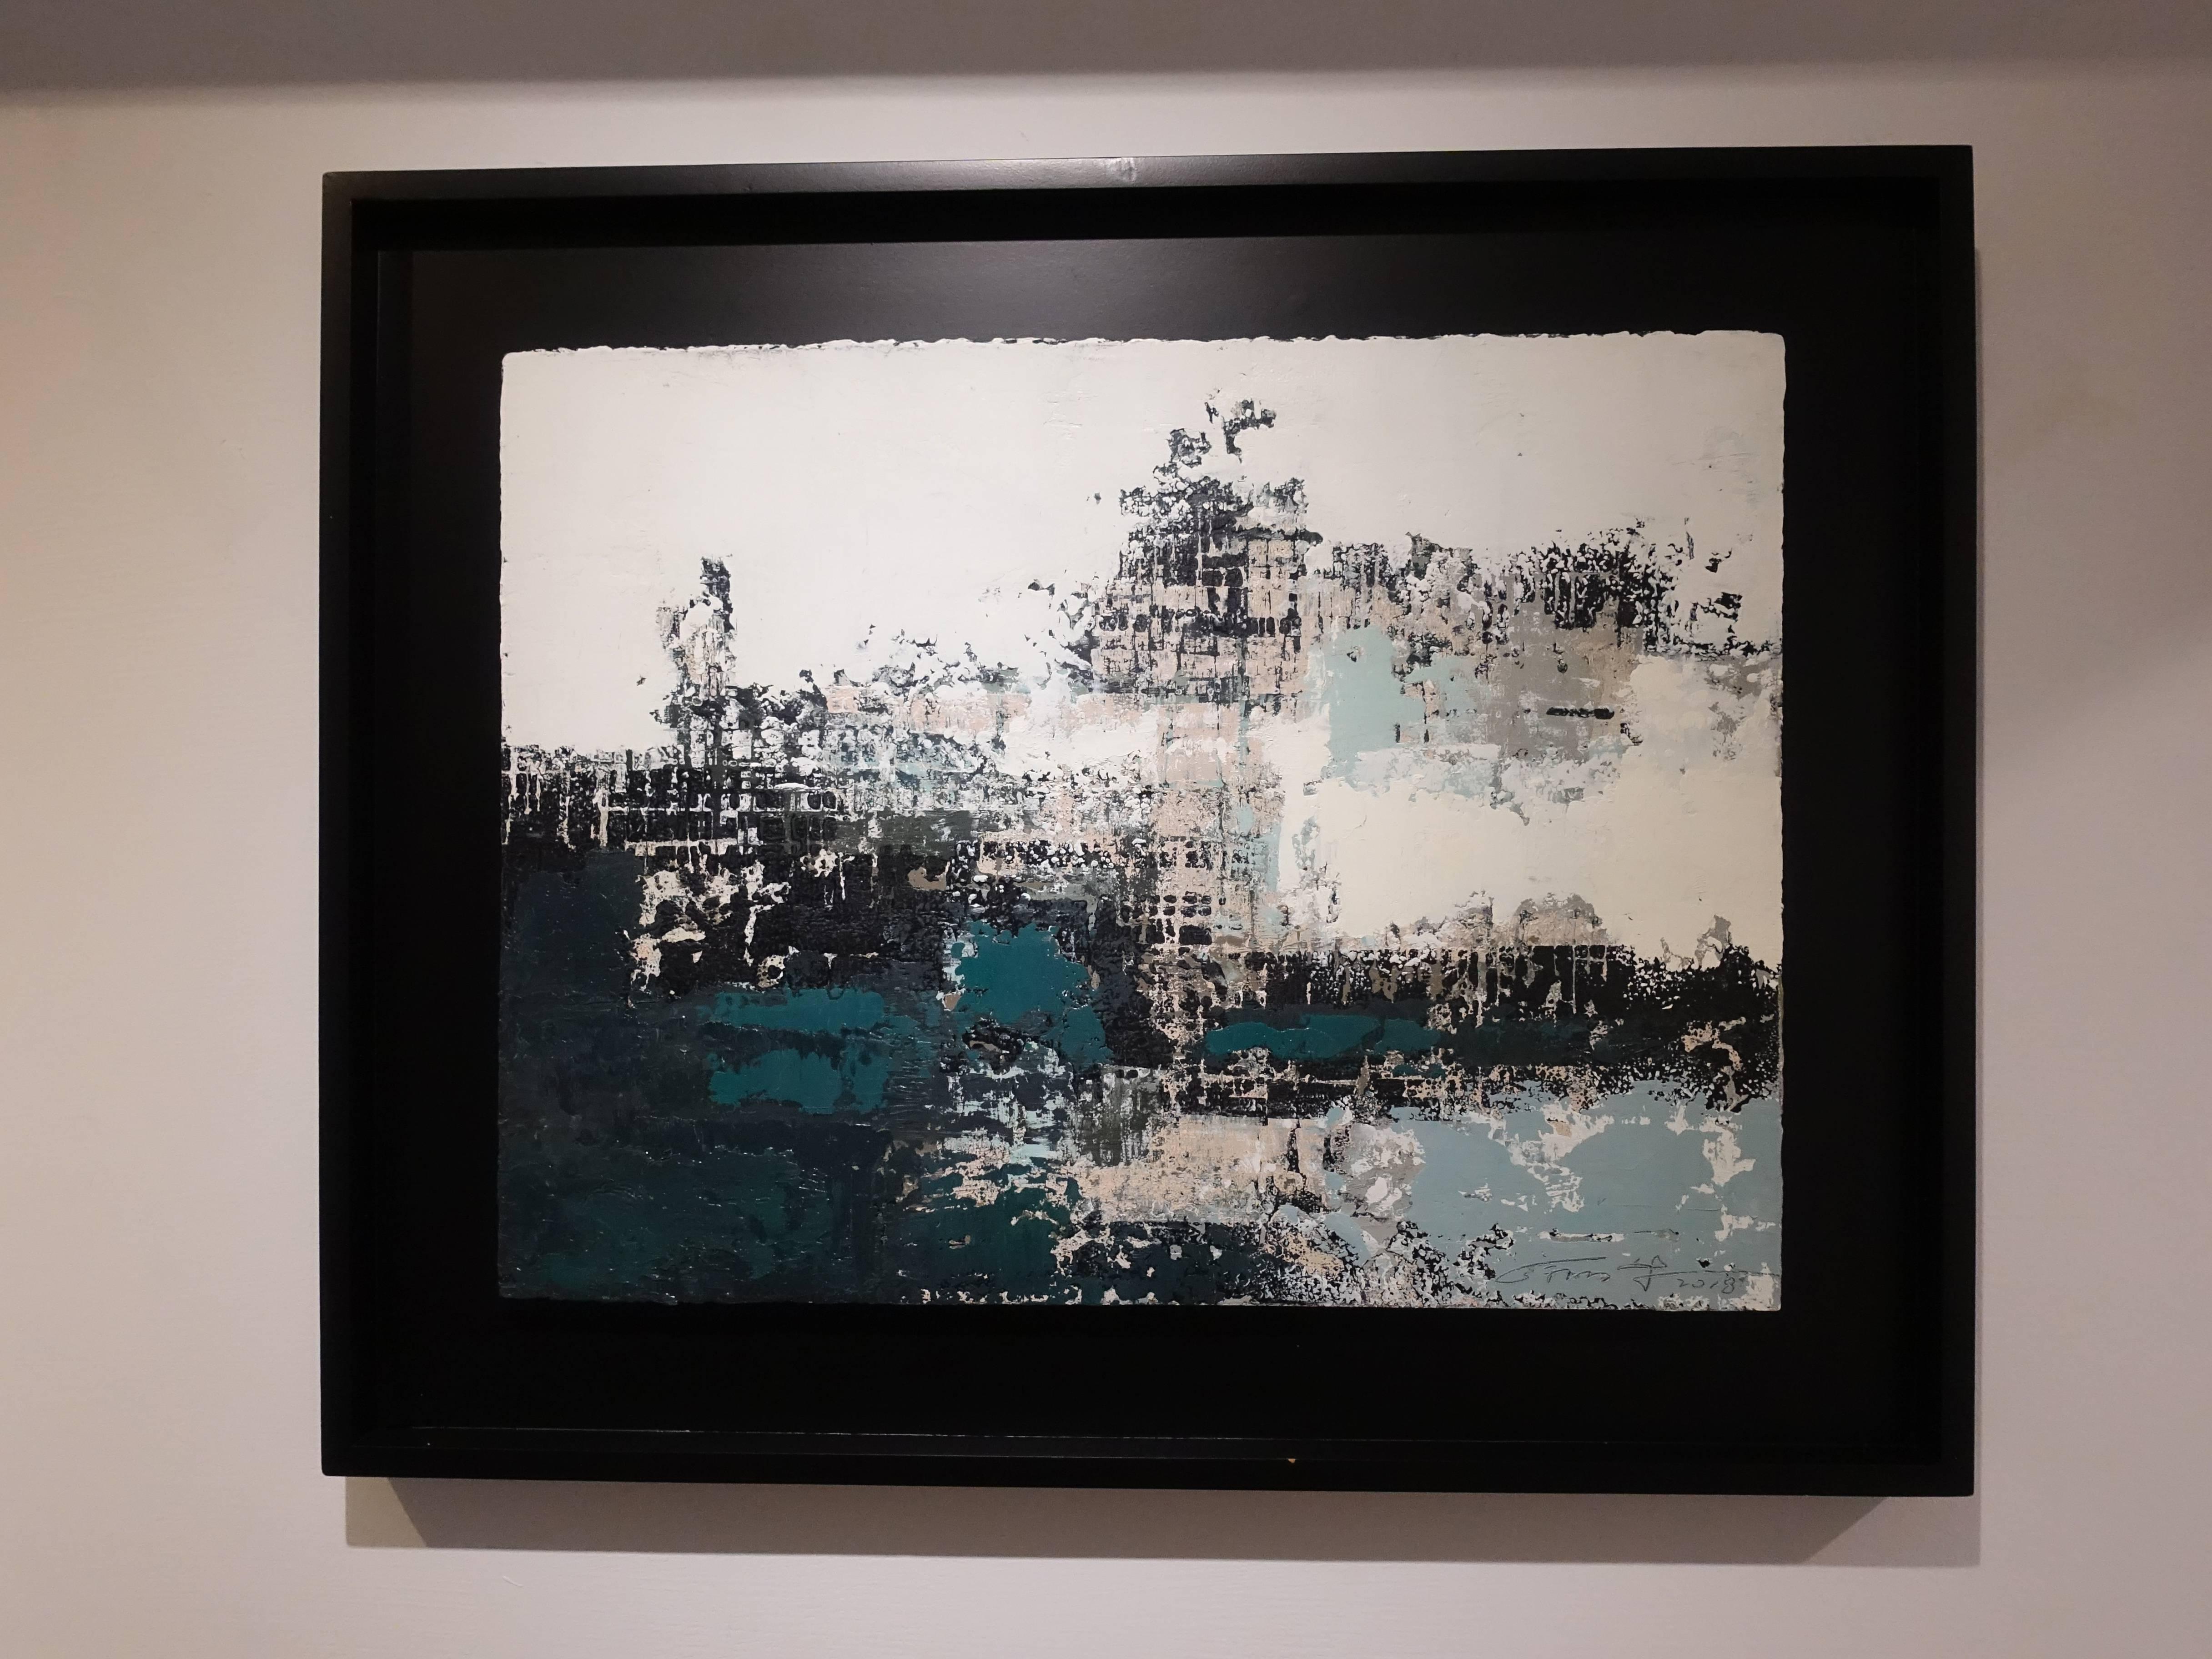 徐明豐,《移動的風景》,39 x 51 cm,複合媒材紙本,2018。